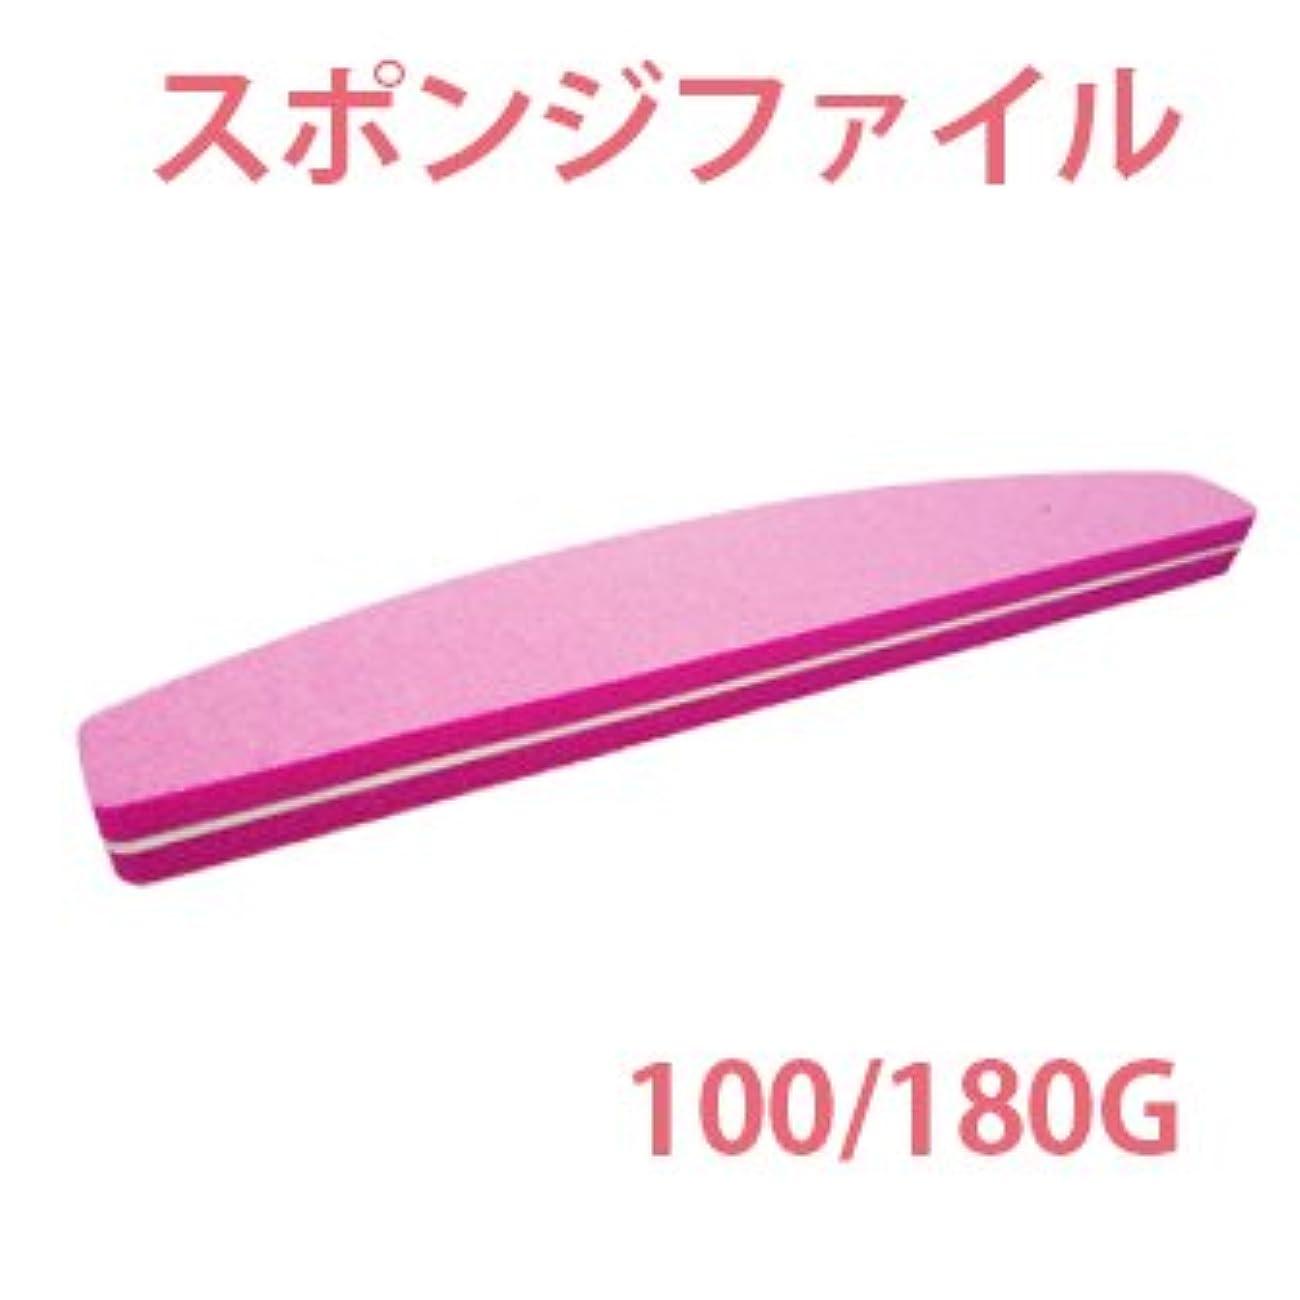 無視する動機付けるなんでもスポンジファイル バッファー 100/180G ピンク